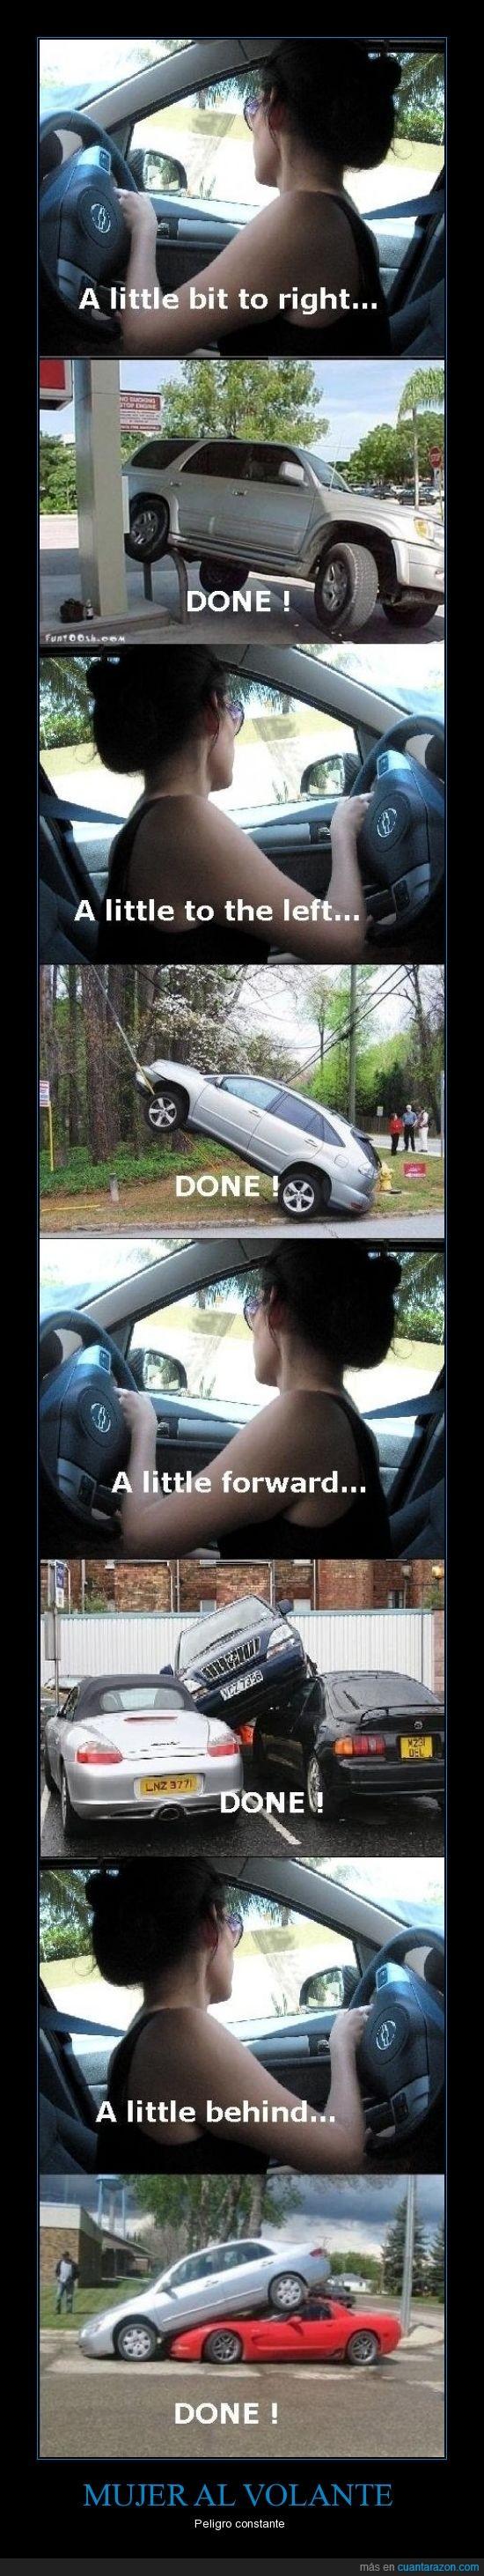 coche,conducir,fail,movimientos,mujer,volante